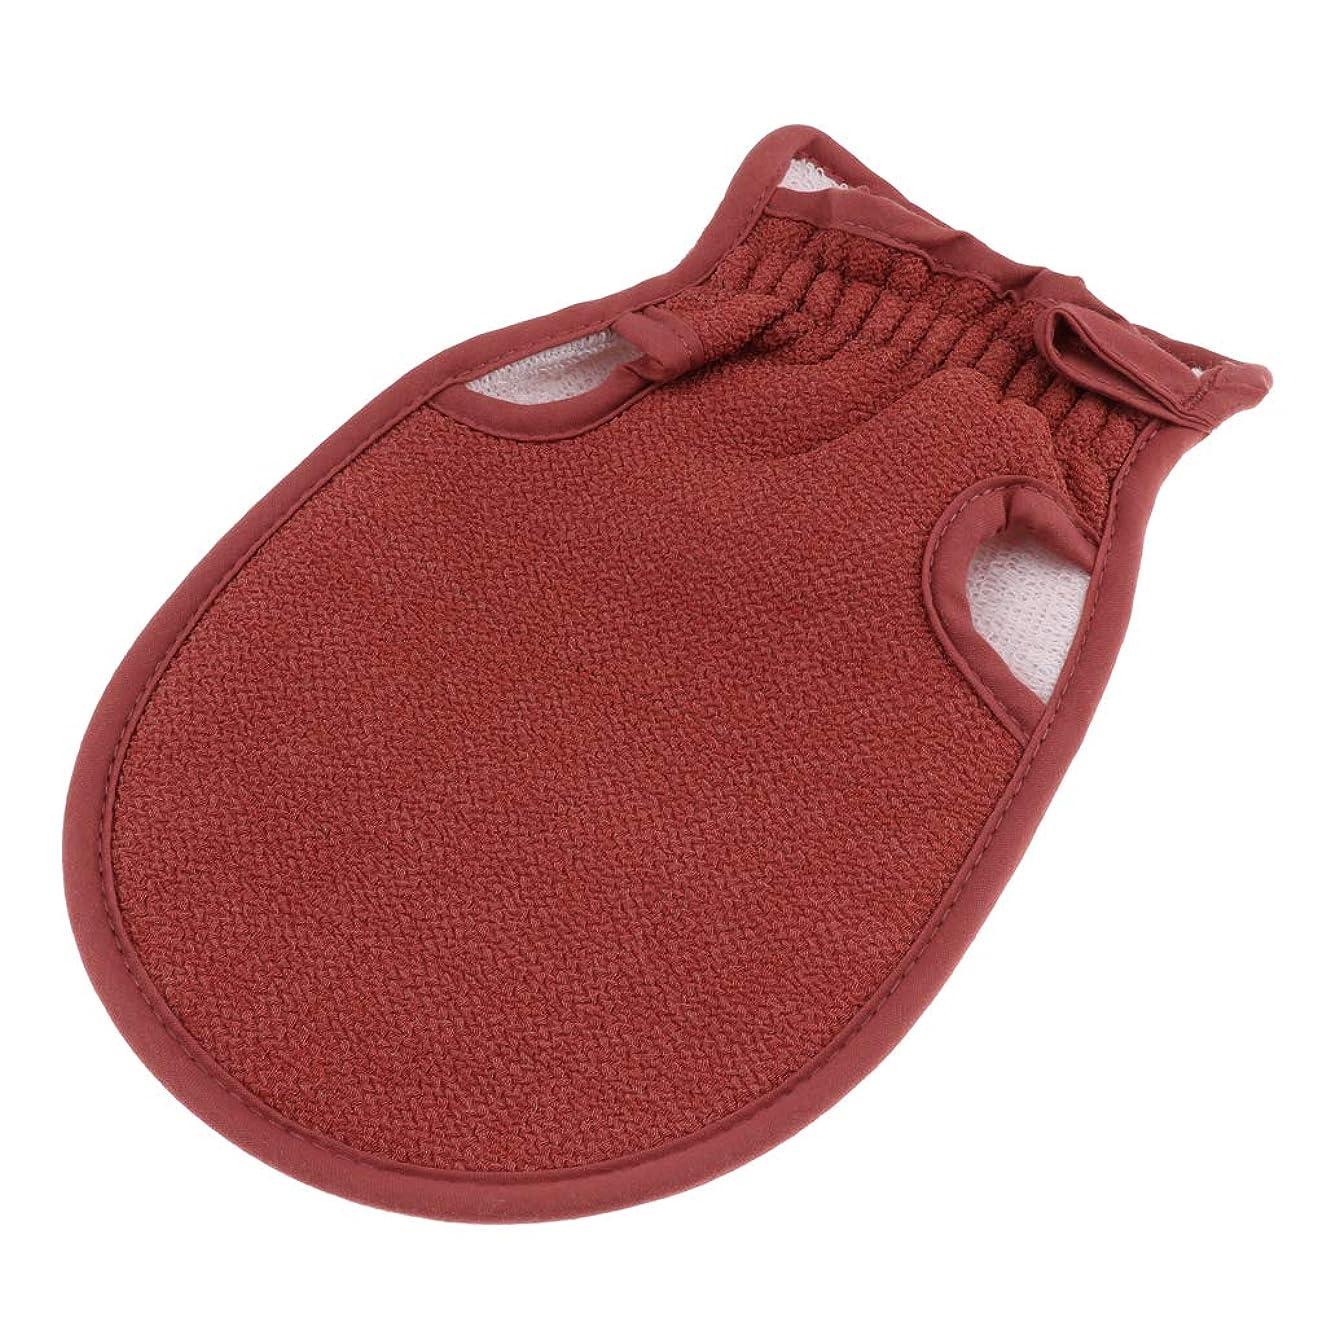 集中的な引き算作り上げるFenteer 浴用手袋 お風呂用手袋 タオル 垢すり 角質除去 バス用品 洗える 再利用可能 全4色 - コーヒー